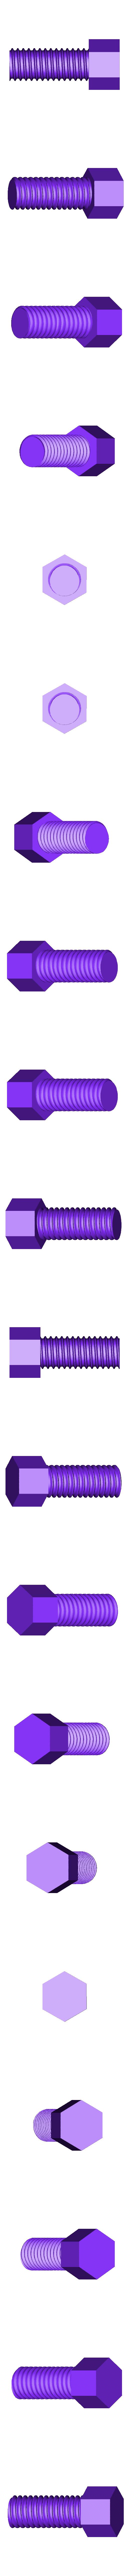 E016.stl Télécharger fichier STL Perceuse à main Impression 3D • Design pour impression 3D, MPPSWKA7